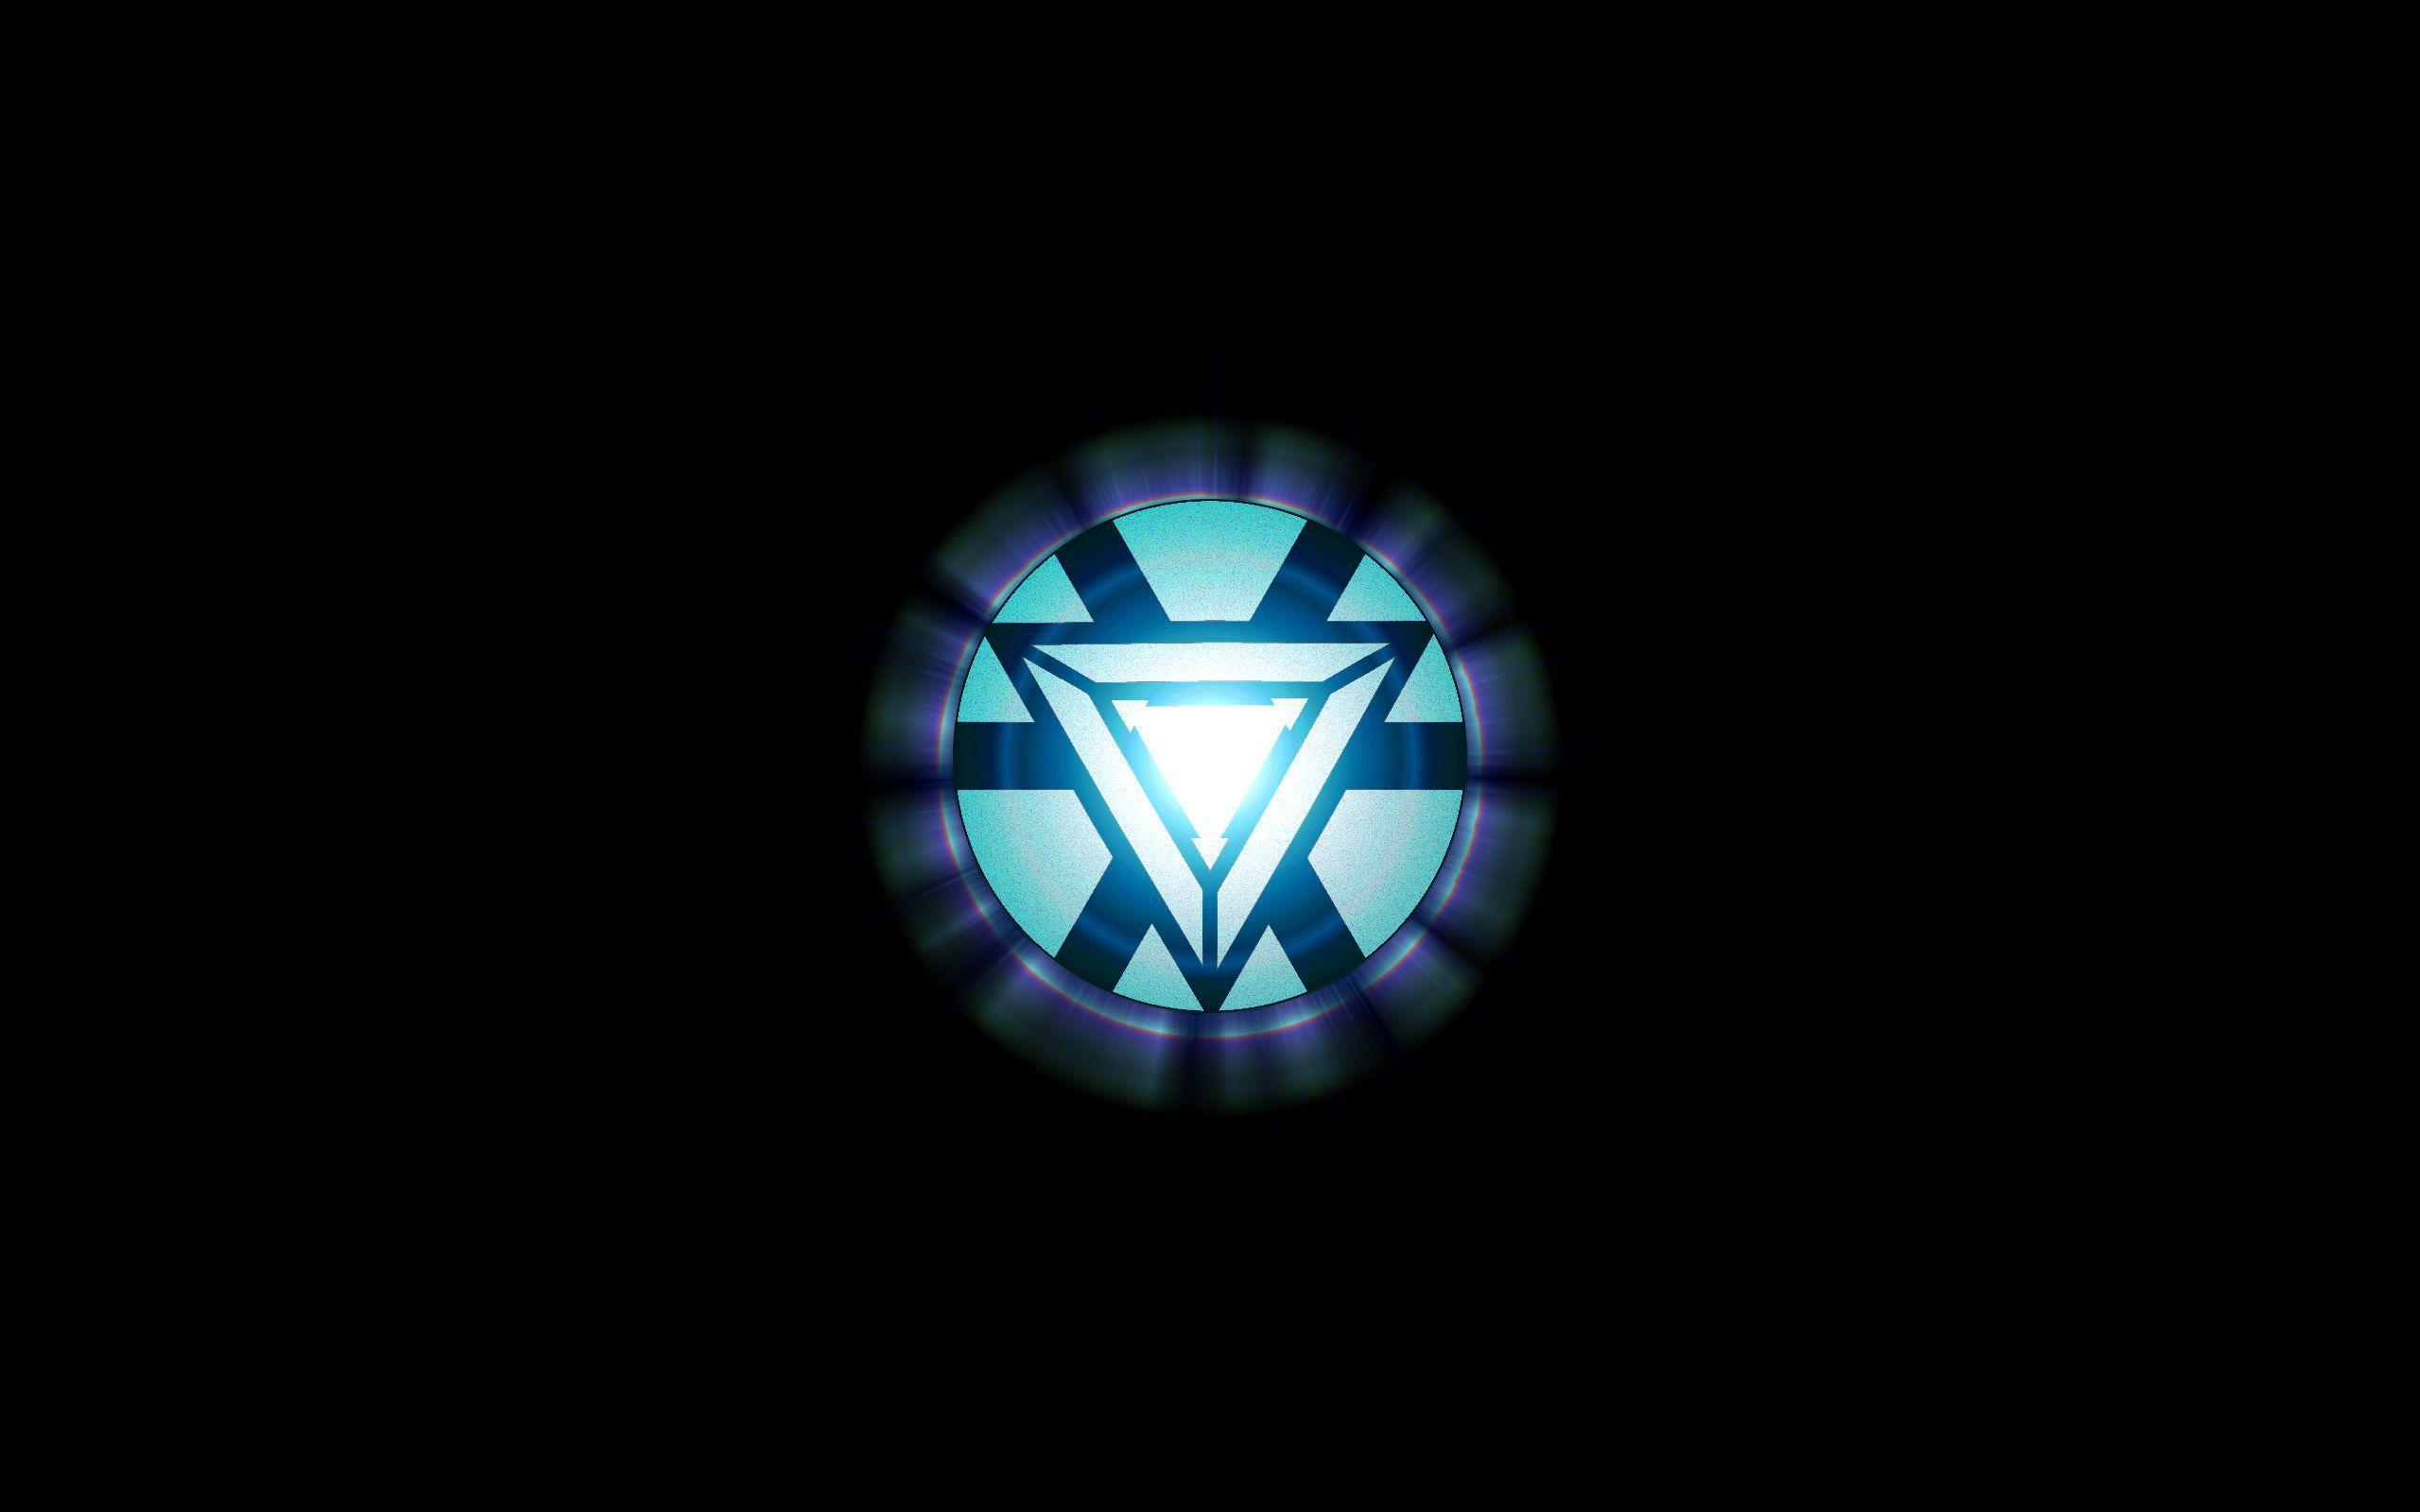 Arc Reactor Iron Man Wallpaper HD | PixelsTalk.Net